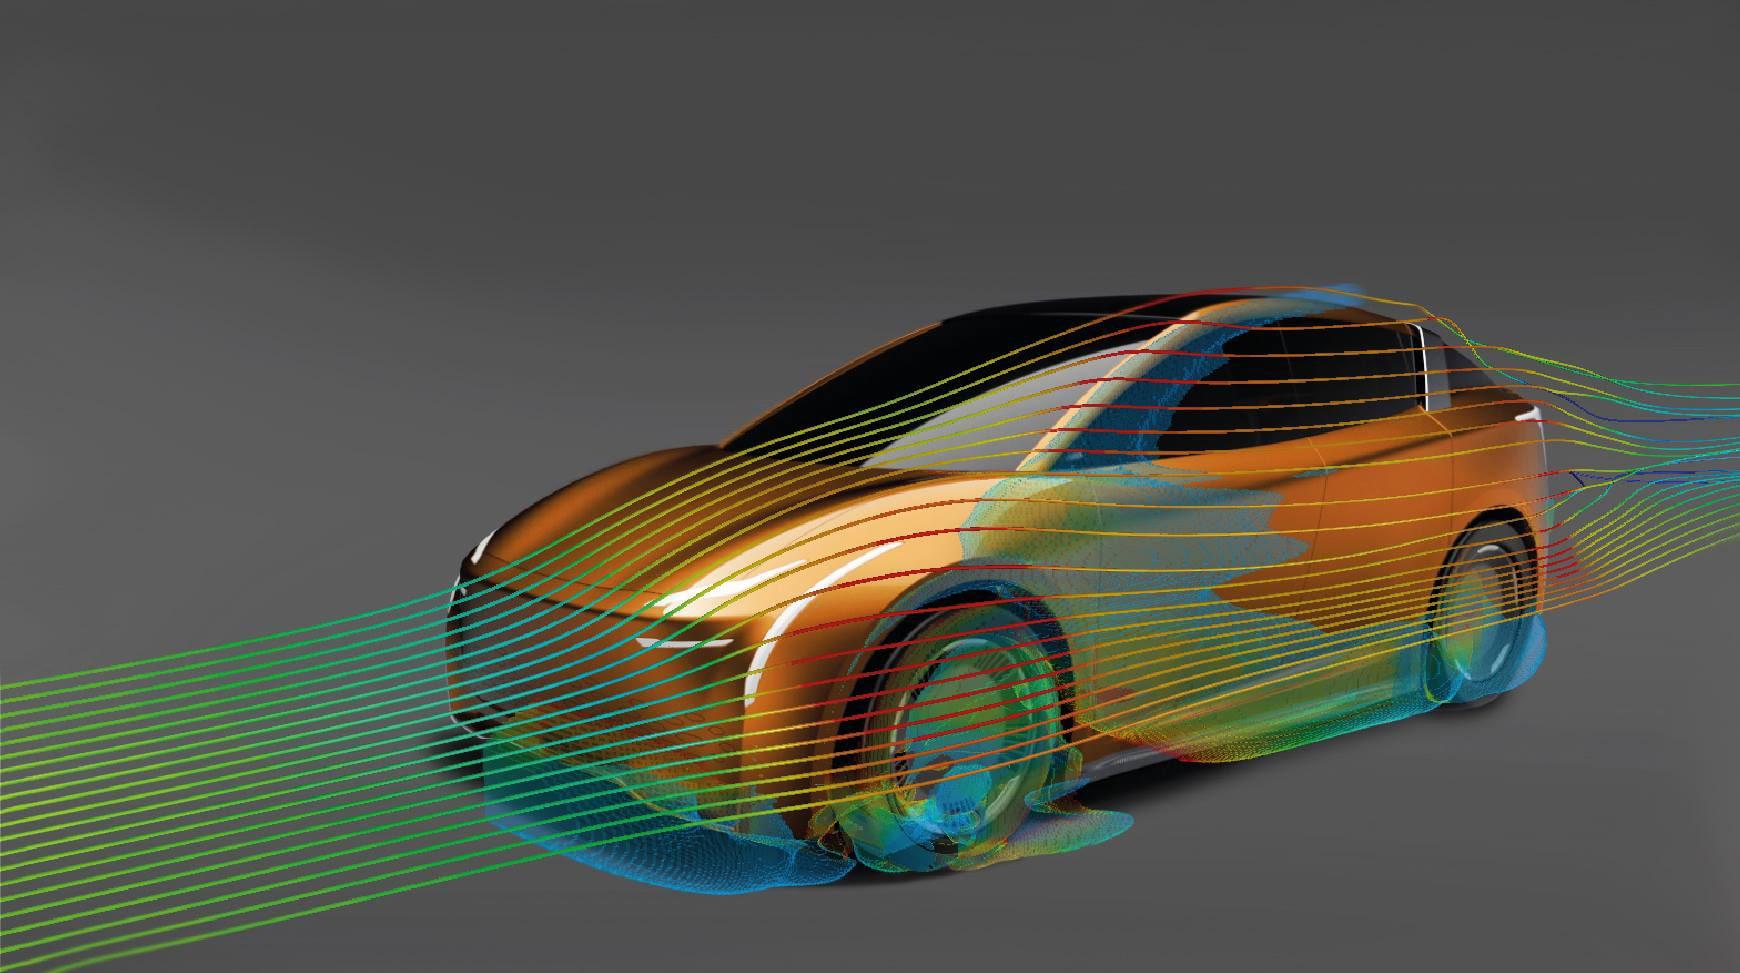 WEBINAR – Realizzare innovazioni aerodinamiche per veicoli elettrici